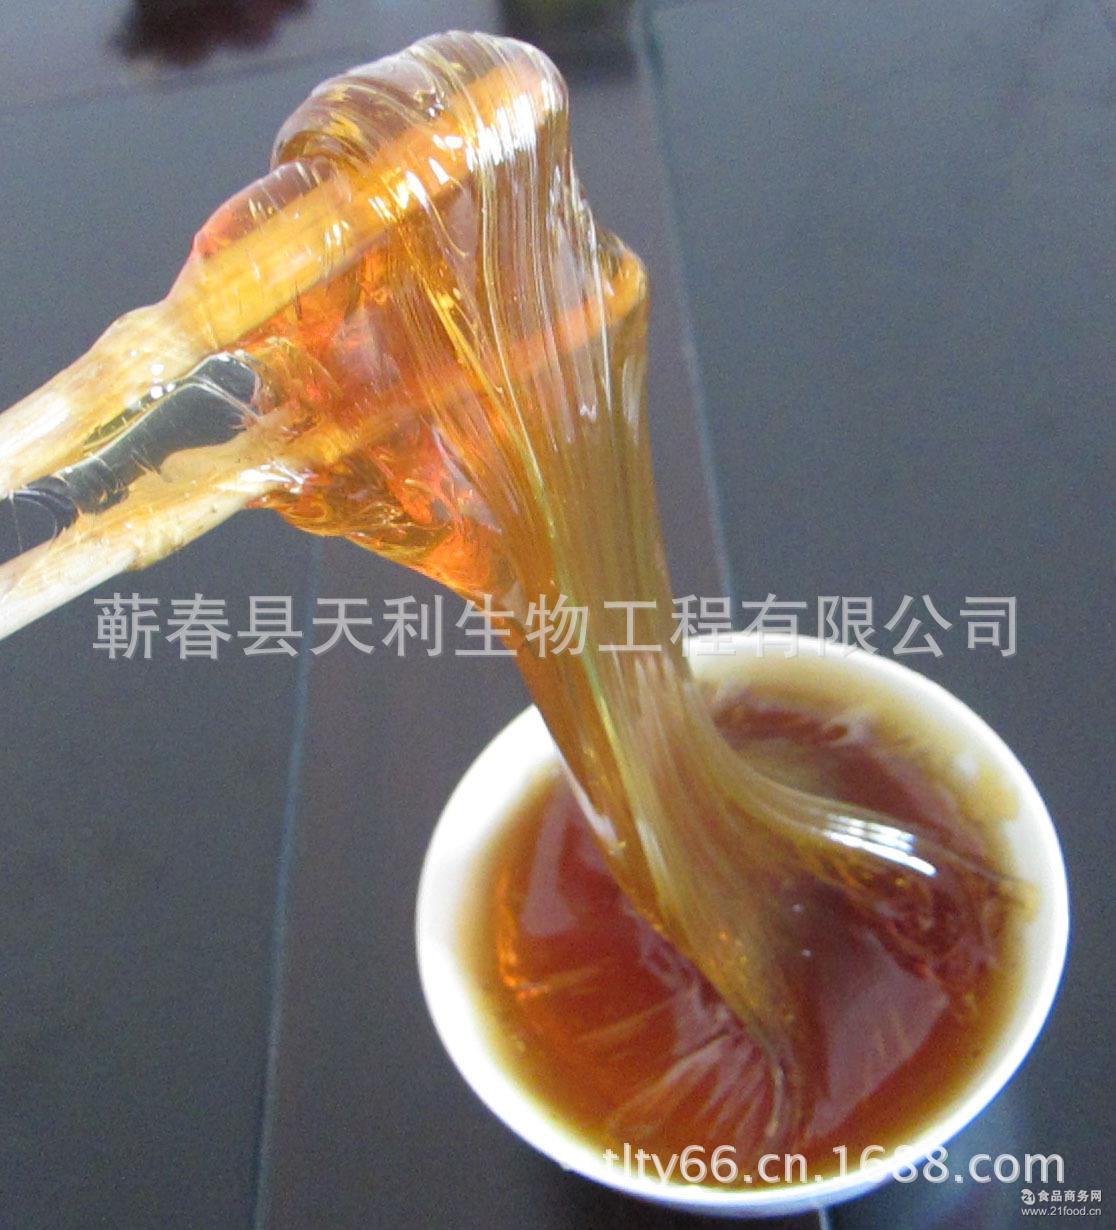 厂家直销 麦芽糖味道甜柔爽口 服务至上 质量保证 天利饴糖